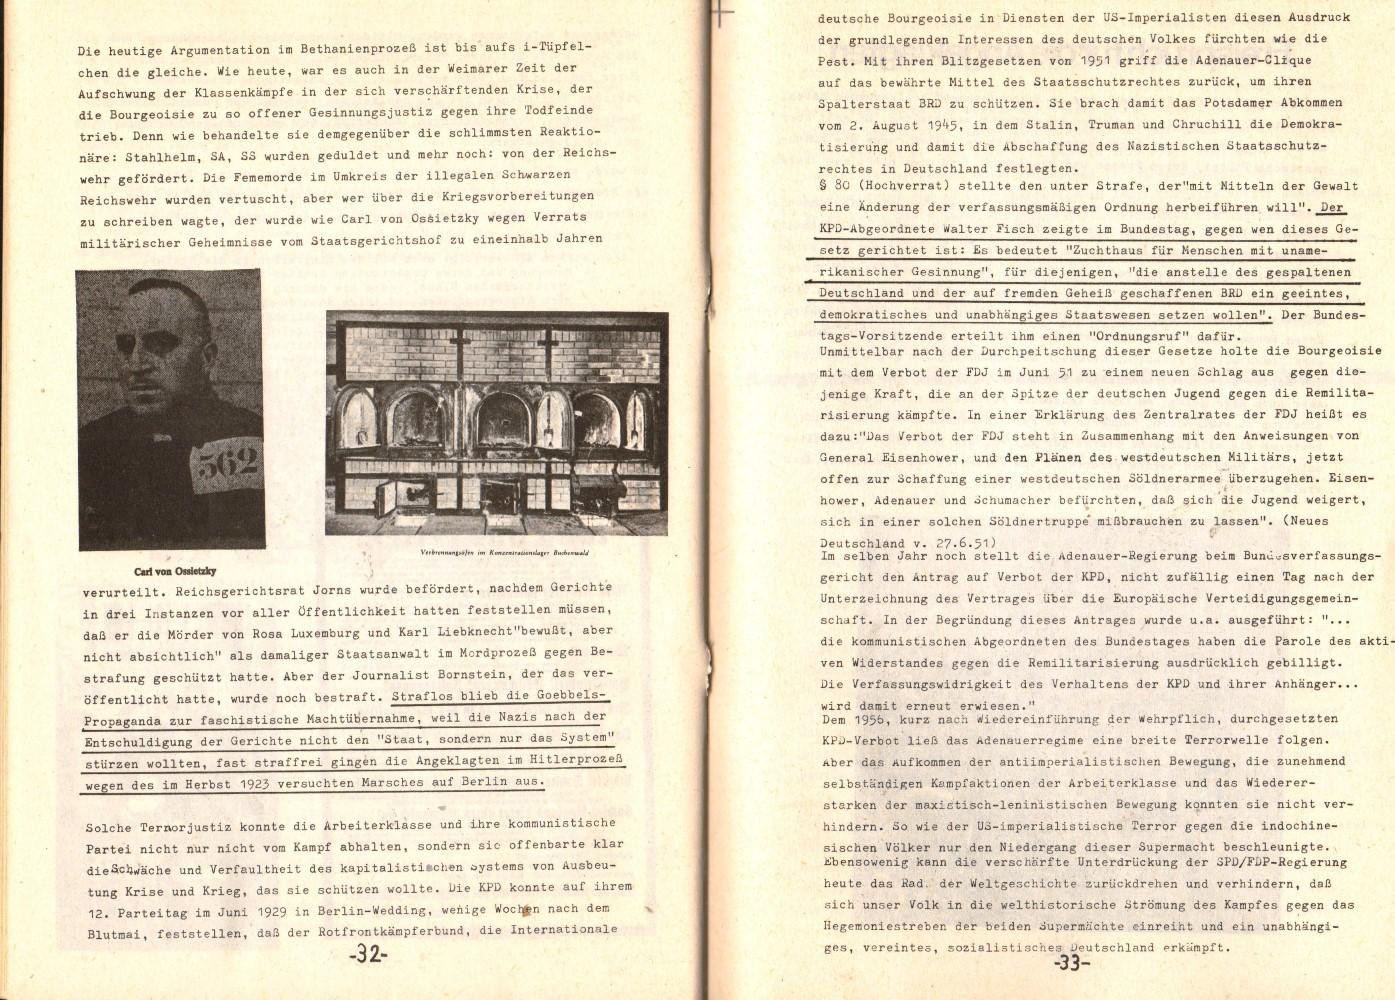 Berlin_KPD_1976_Staatsschutzprozess_18